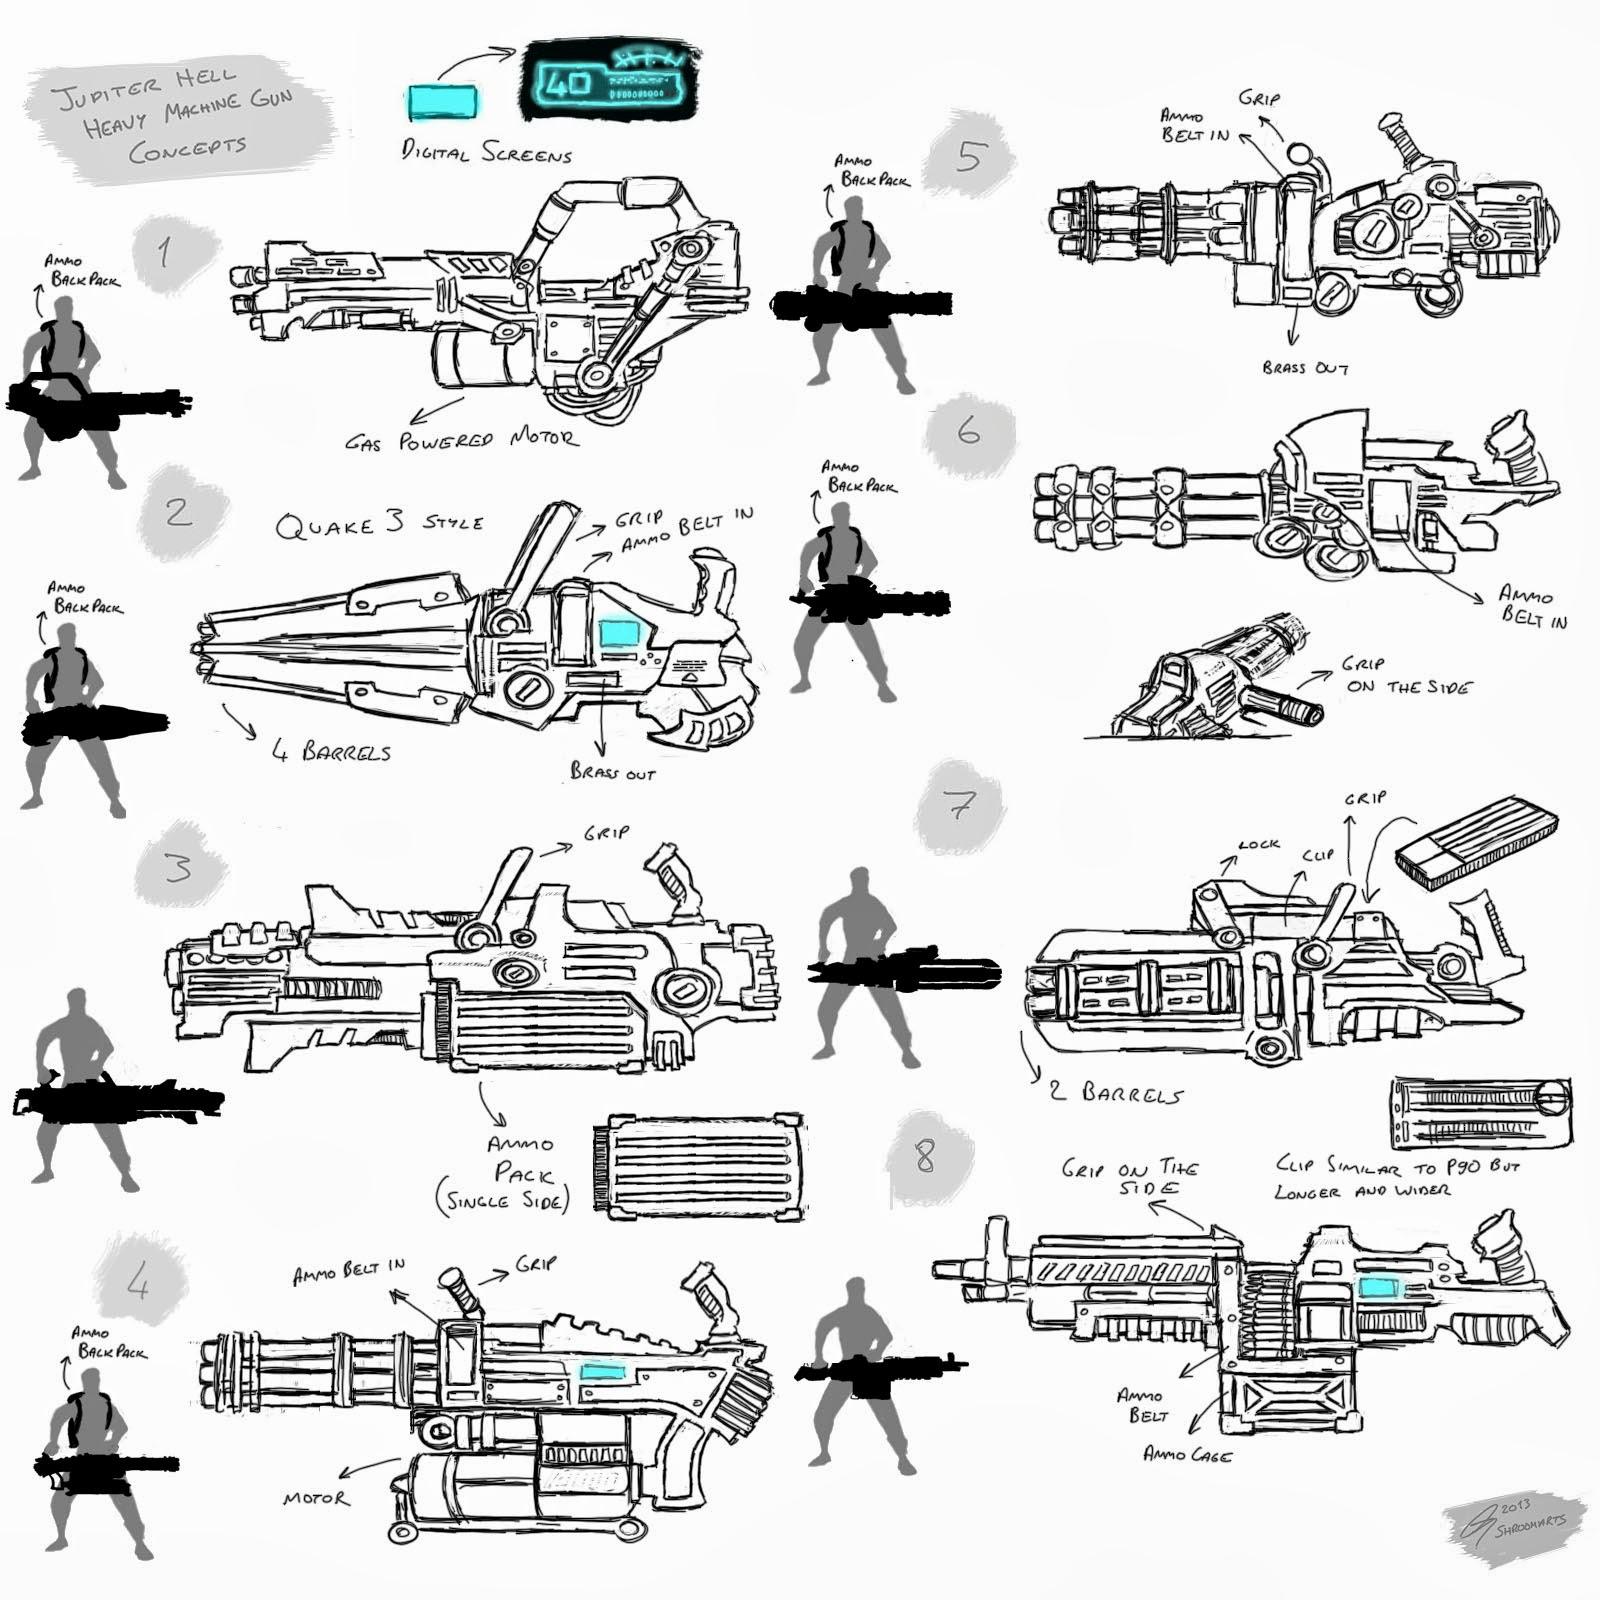 Jupiter Hell - Heavy Machine Gun concepts